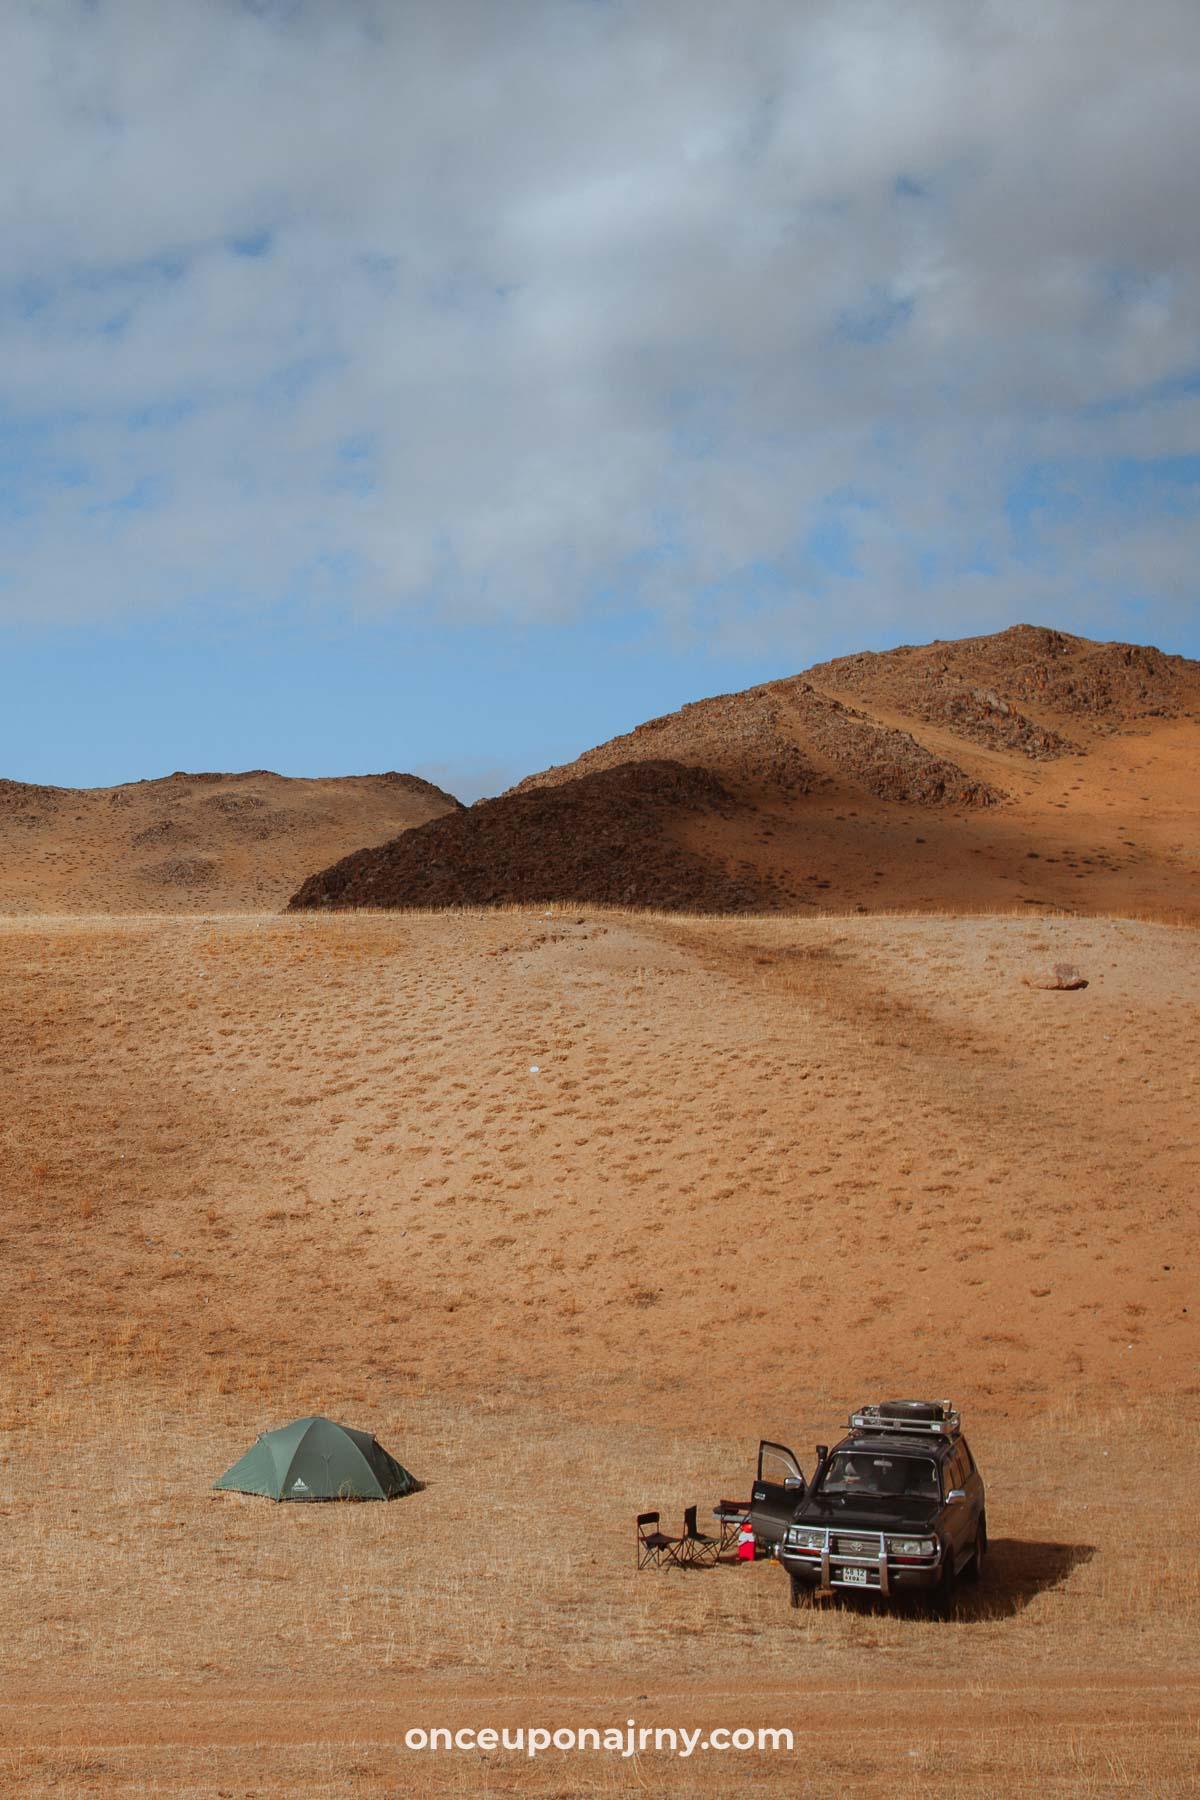 Camping in the Mongolian desert Gobi